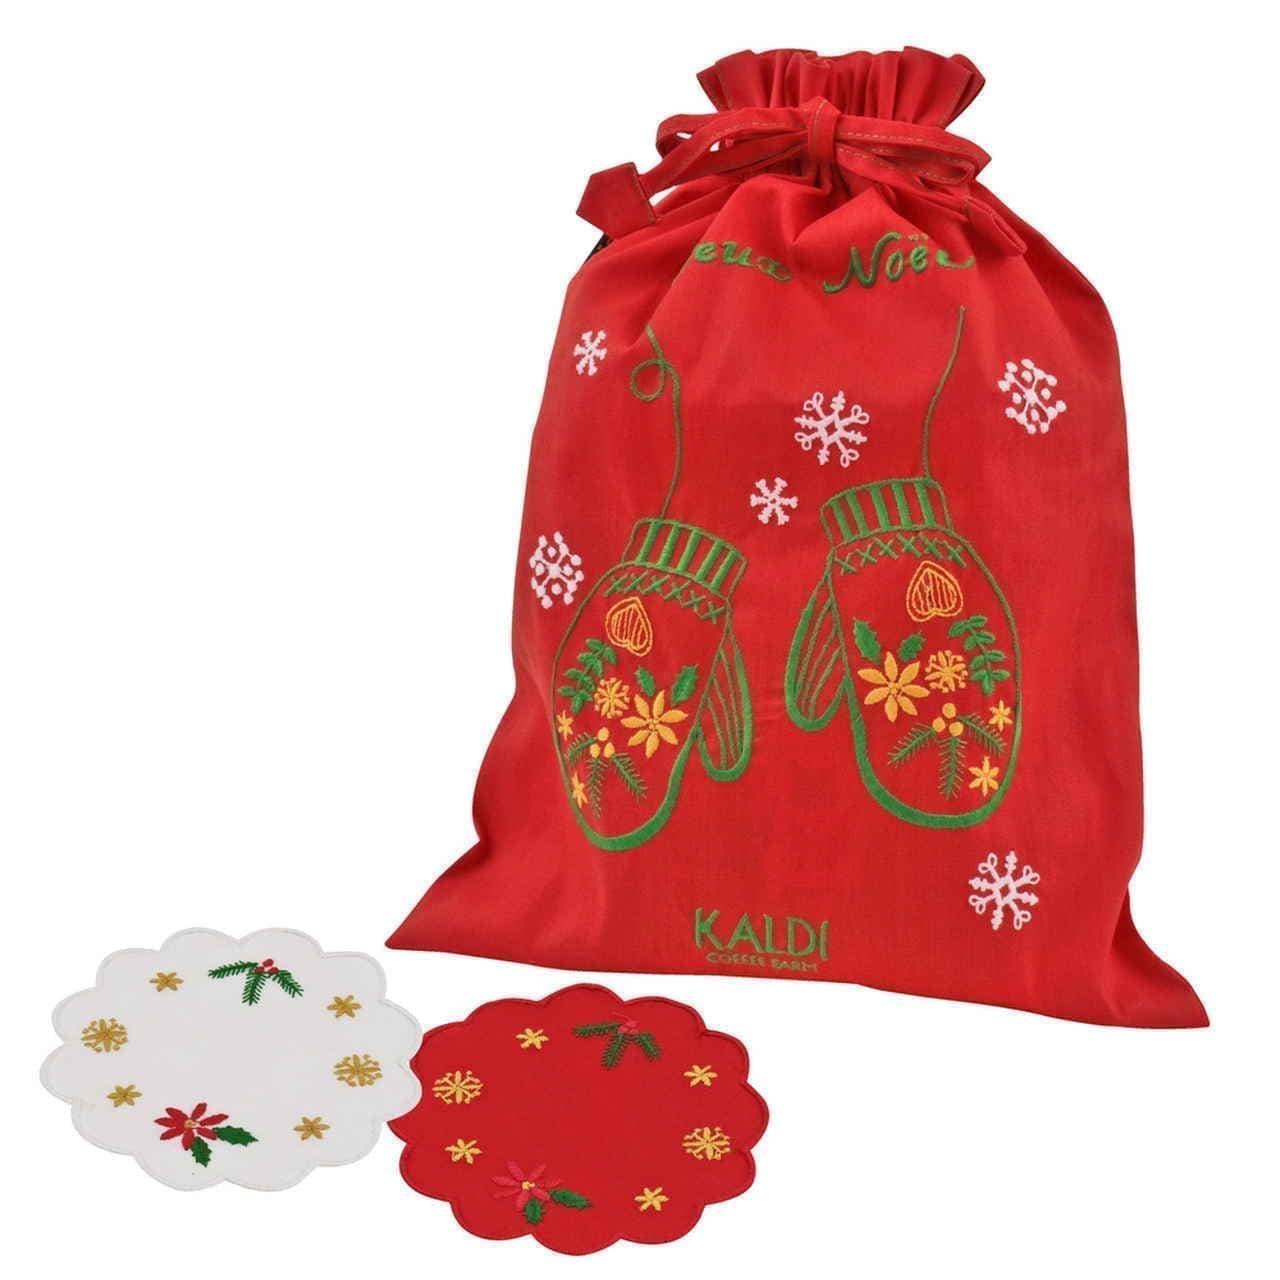 カルディ クリスマス商品